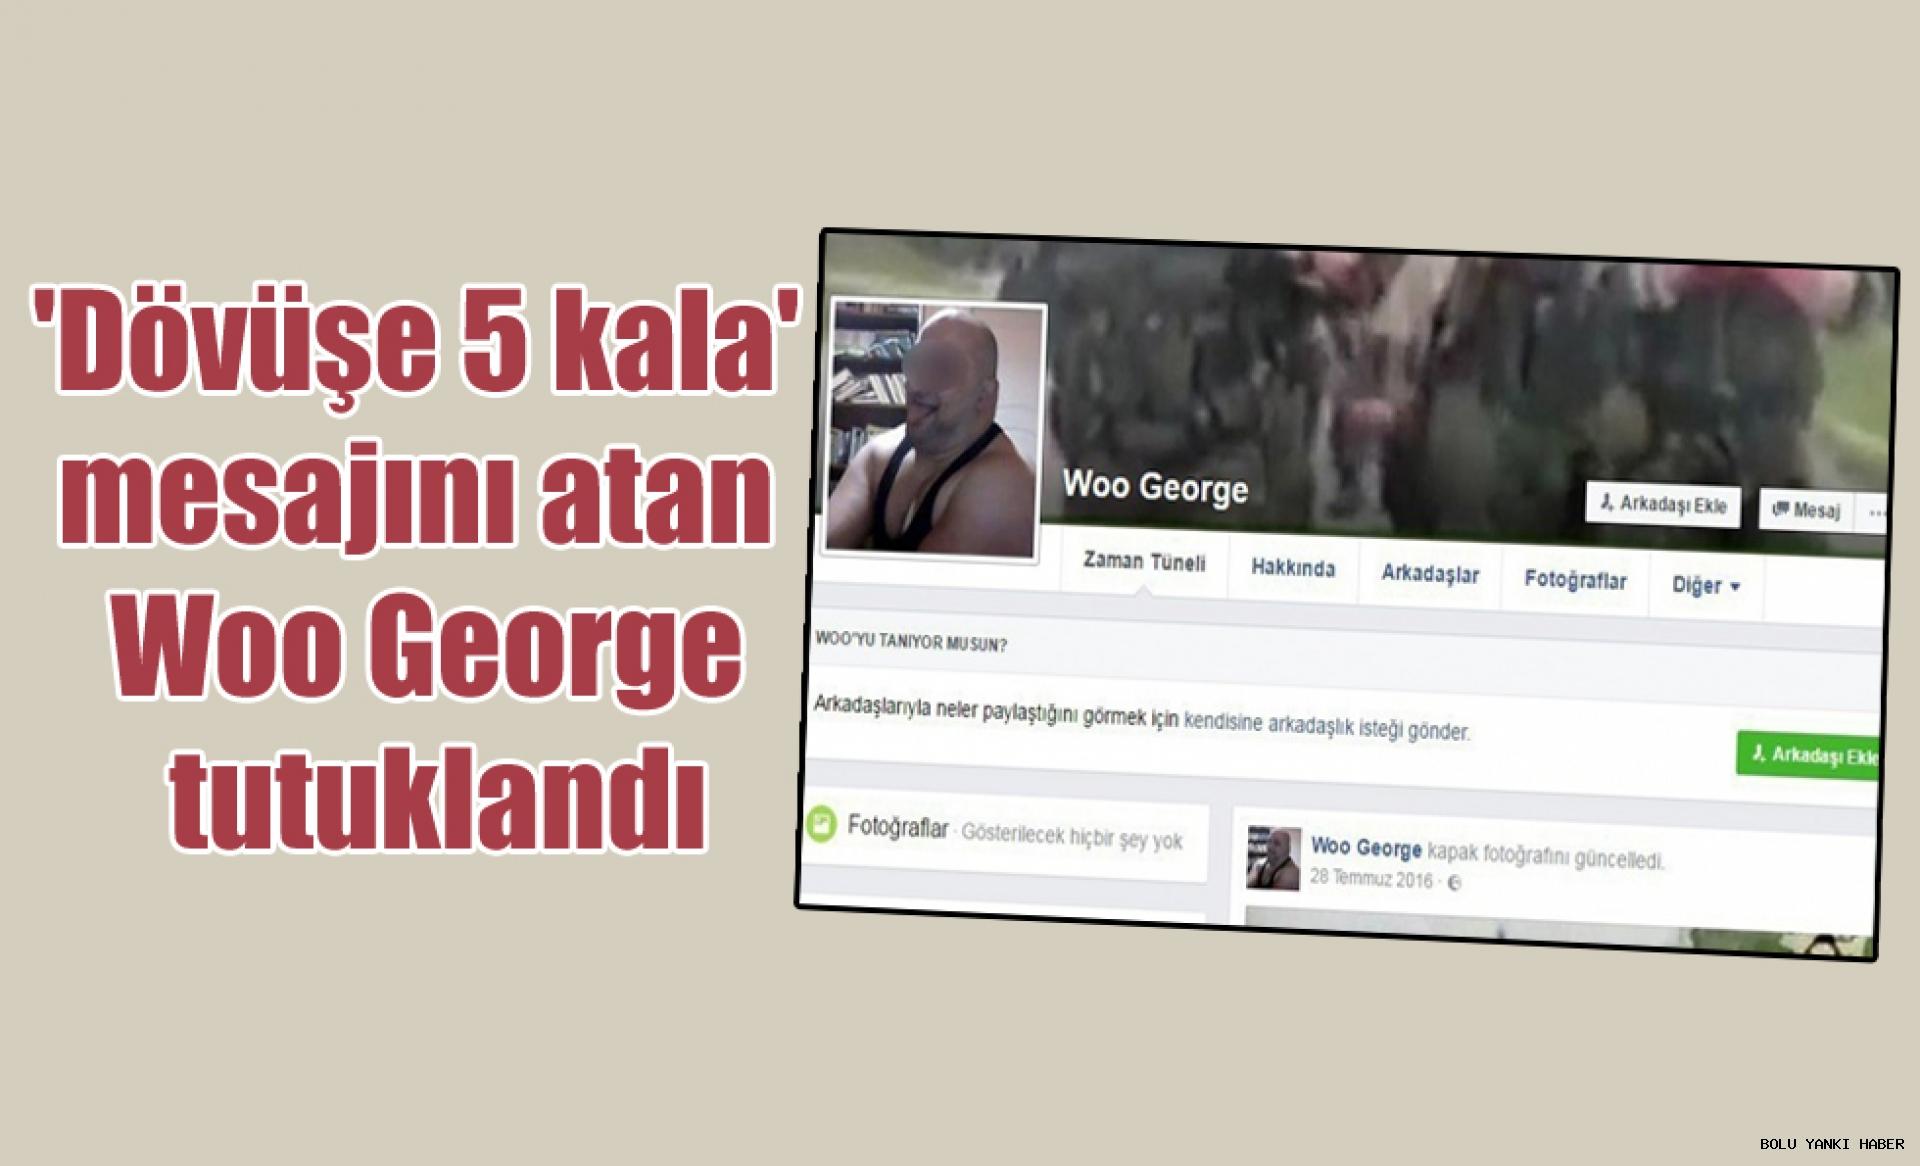 'Dövüşe 5 kala' mesajını atan Woo George tutuklandı